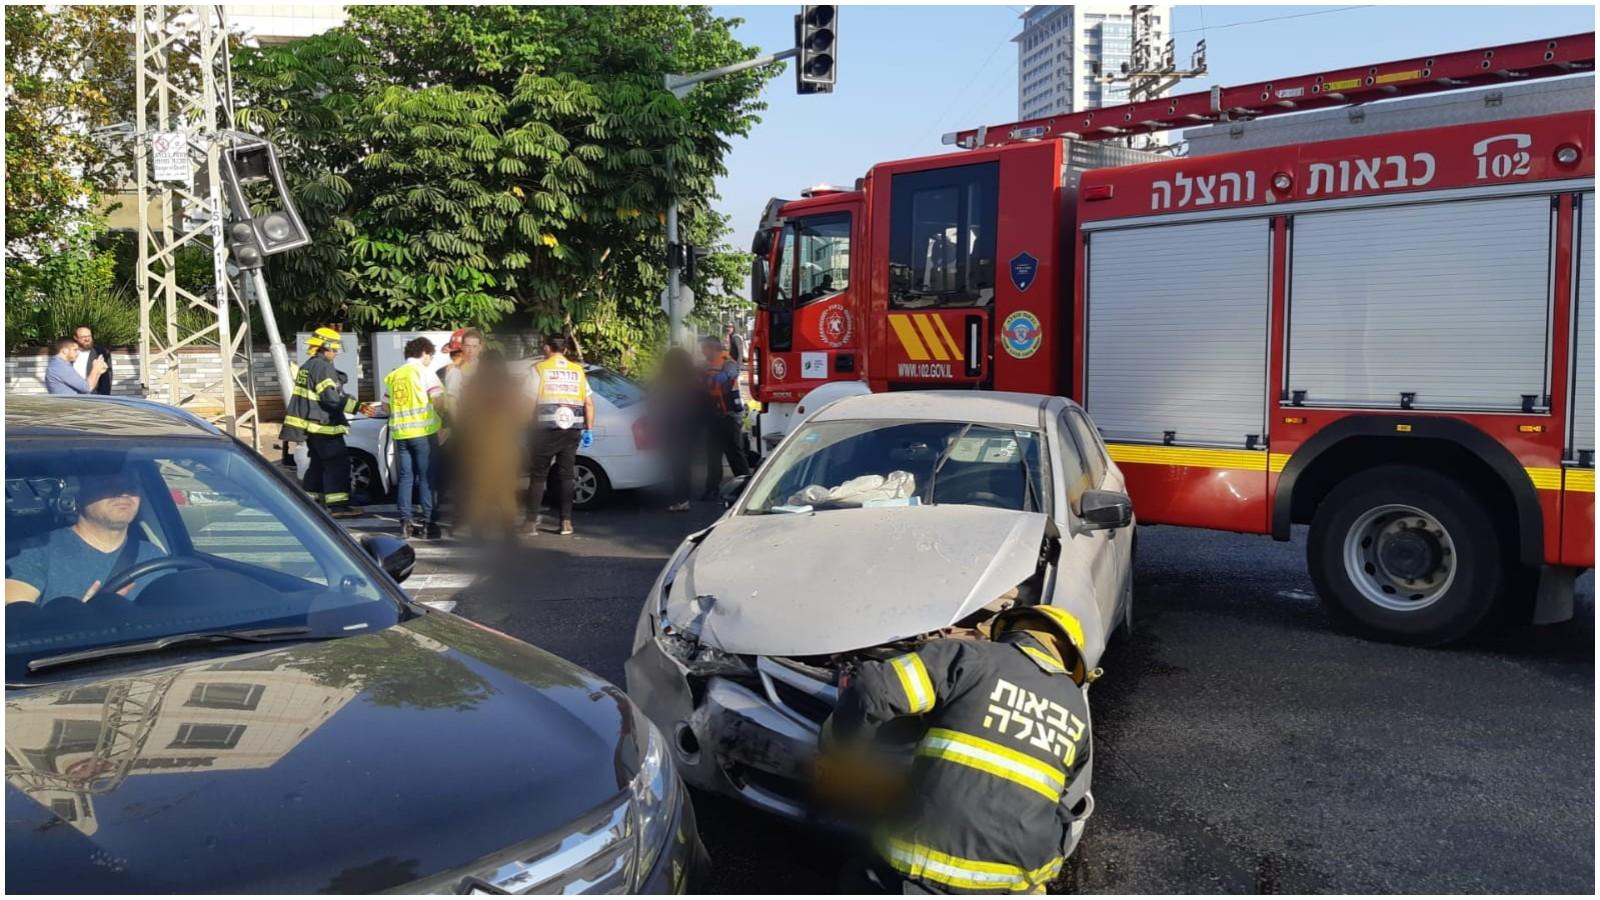 תאונה בפתח תקוה. צילום ארכיון דוברות הצלה פתח תקוה